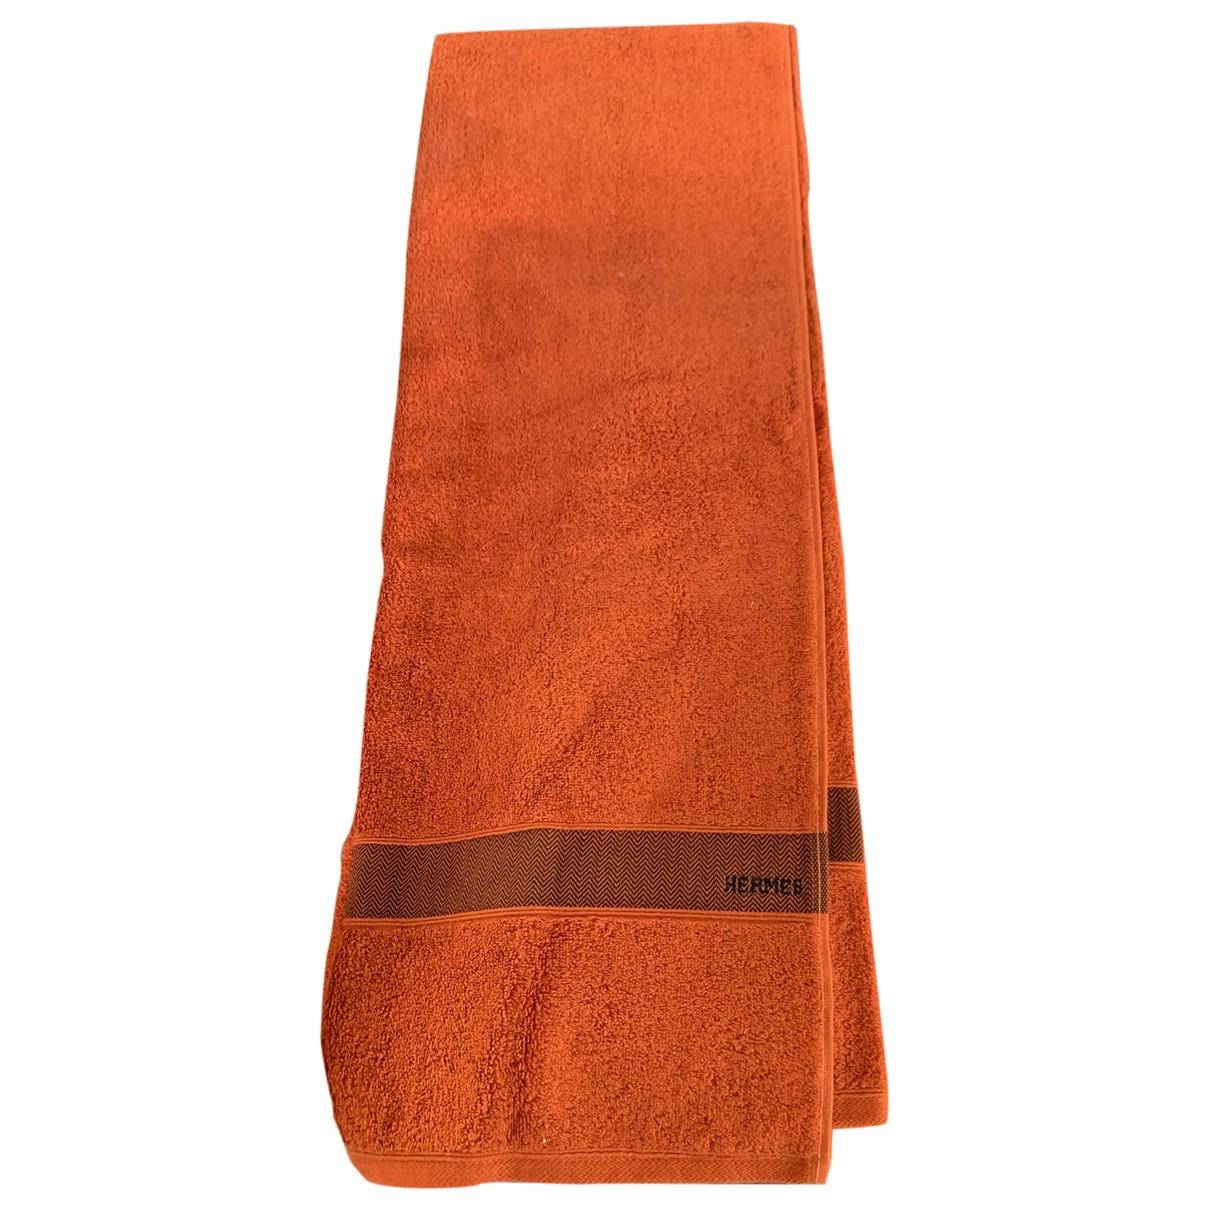 Hermes - Linge de maison   pour lifestyle en coton - orange